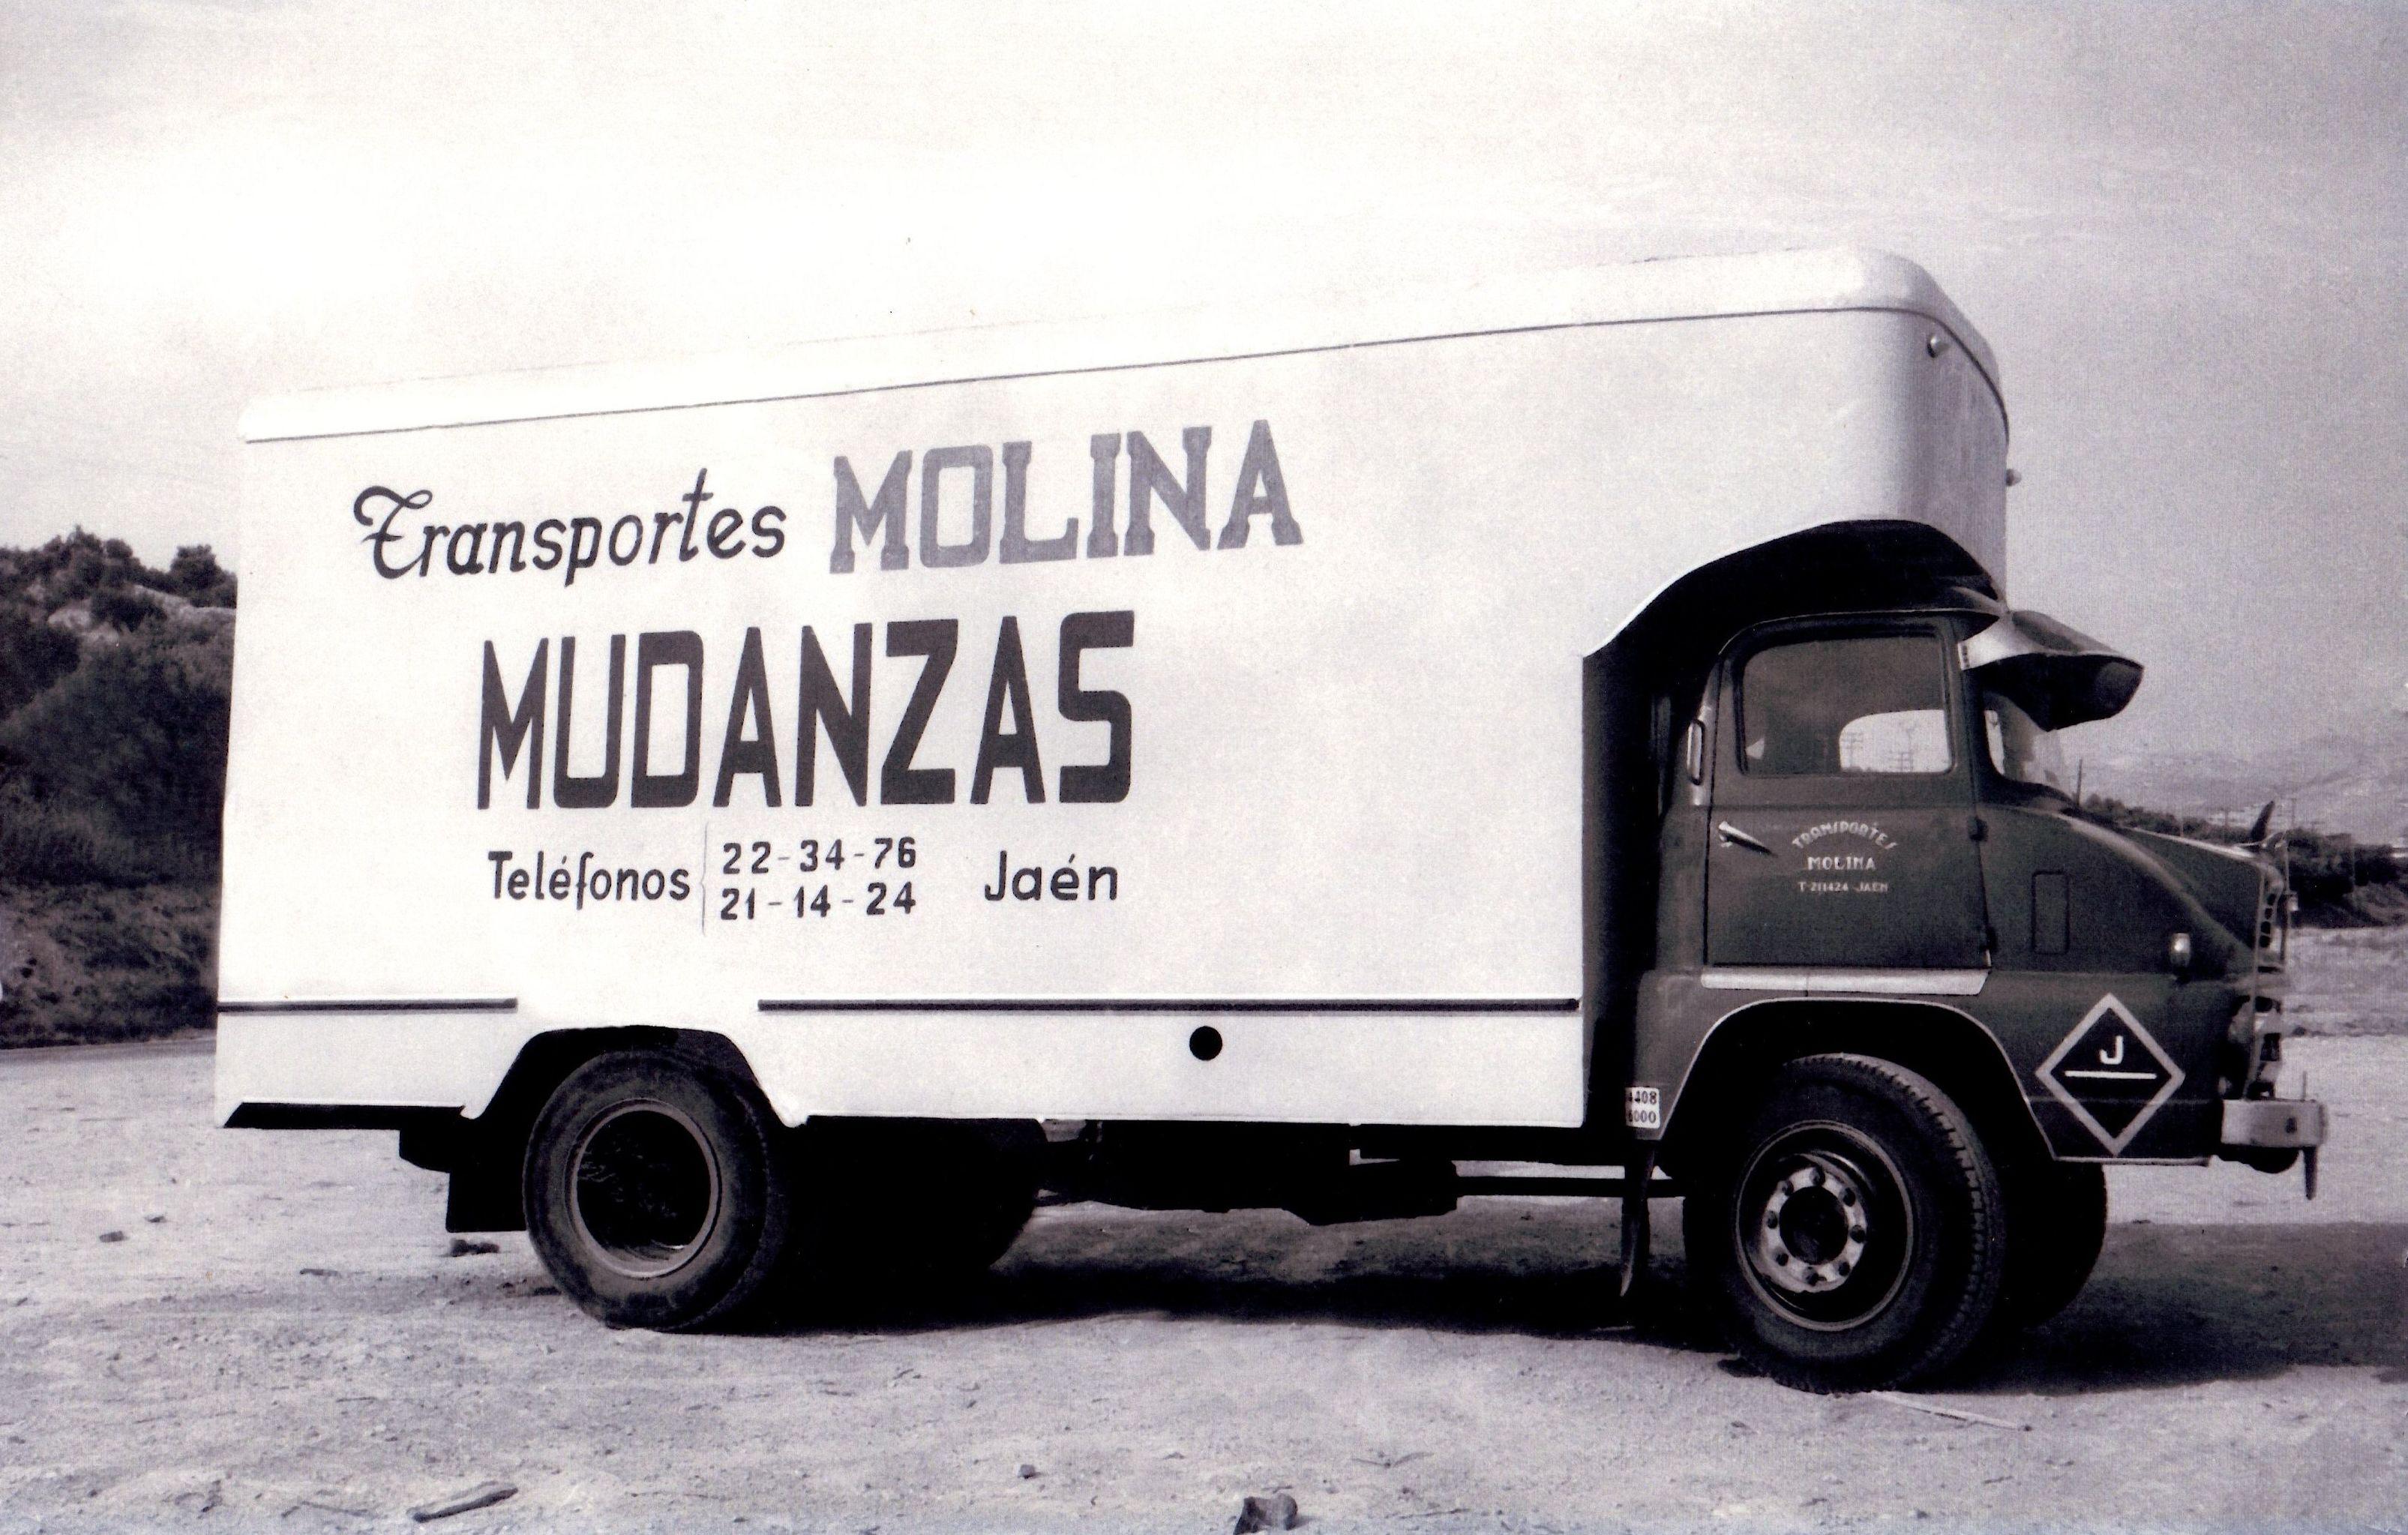 Mudanzas Molina en sus inicios, hace más de 40 años.